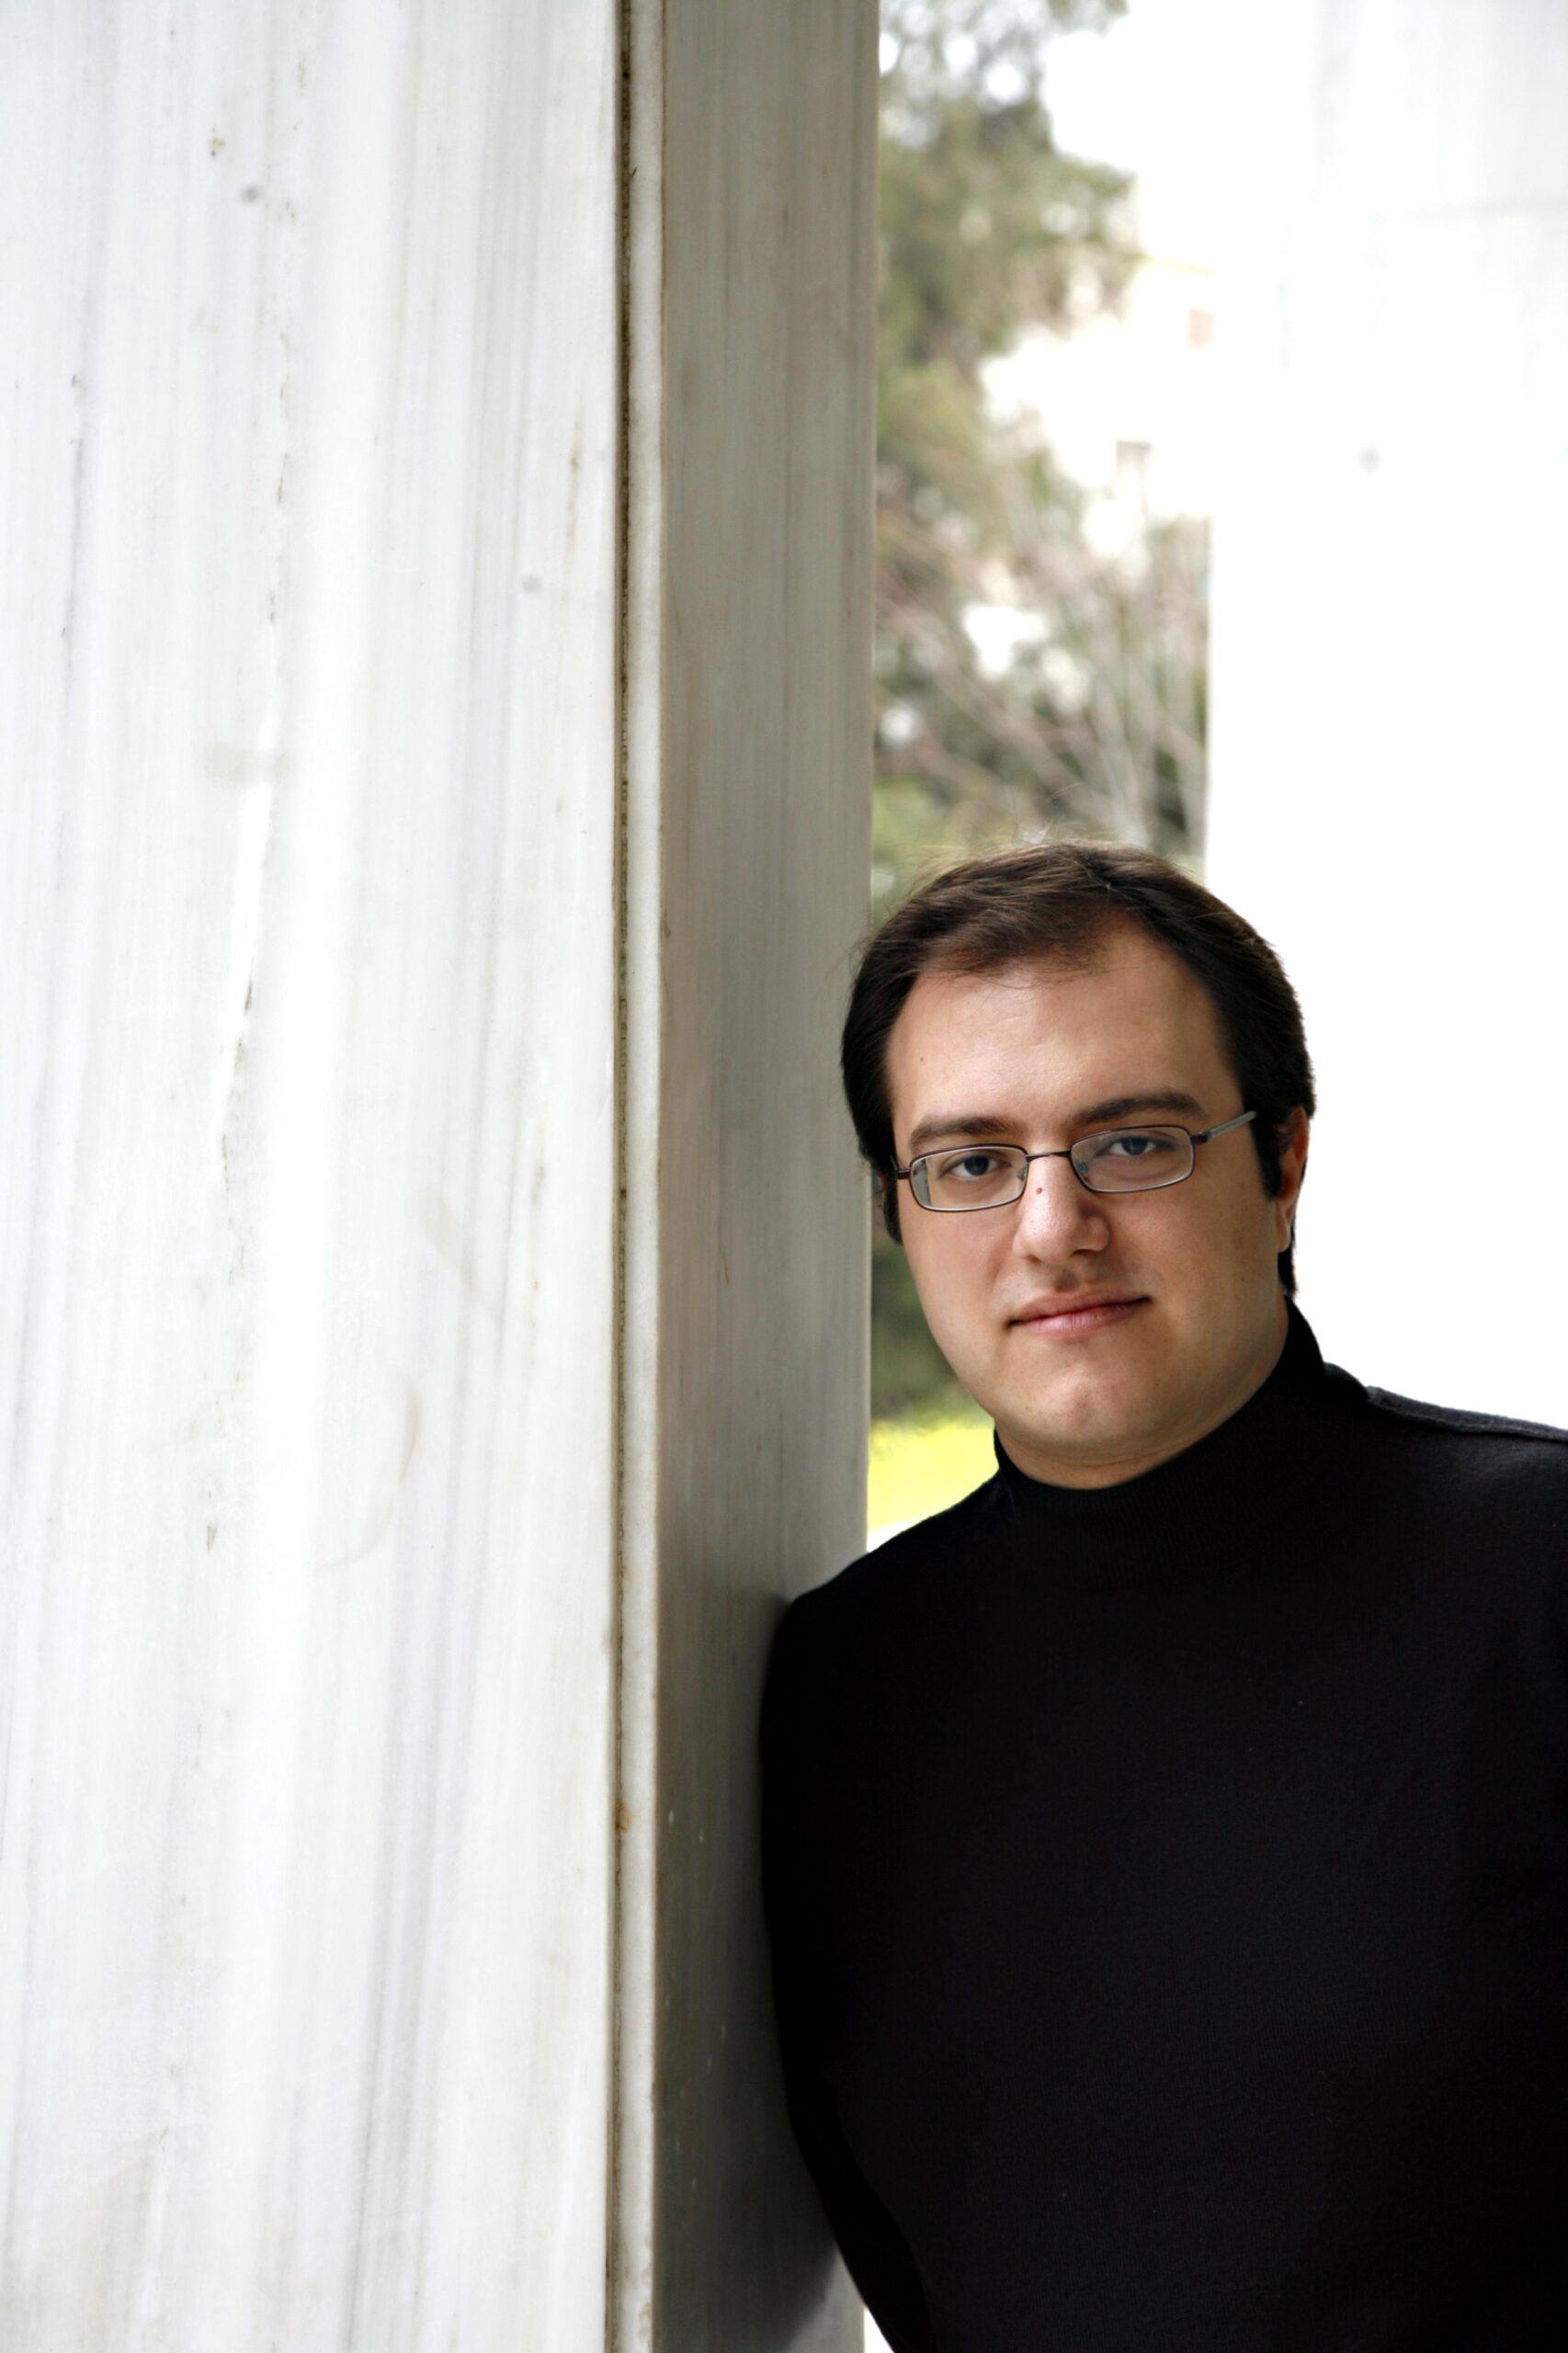 Σεμινάριο Πιάνου με τον Τίτο Γουβέλη